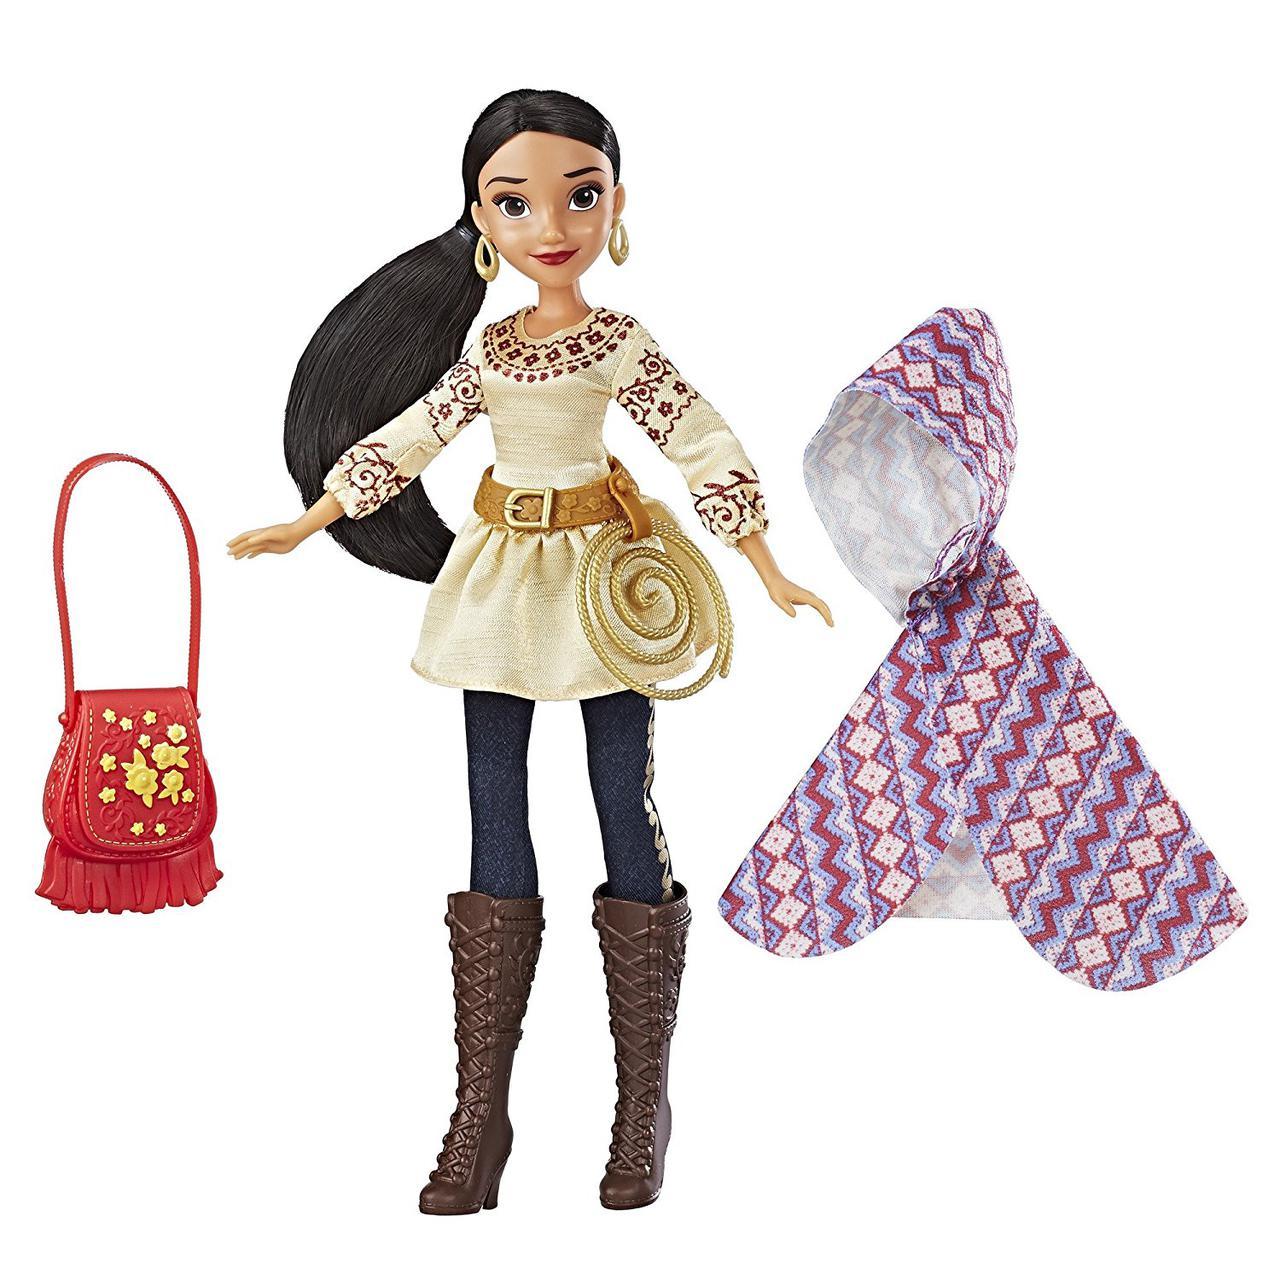 e8cd6f95b274 Disney Принцессы диснея Елена в наряде для приключений Elena of Avalor  Adventure Princess Doll